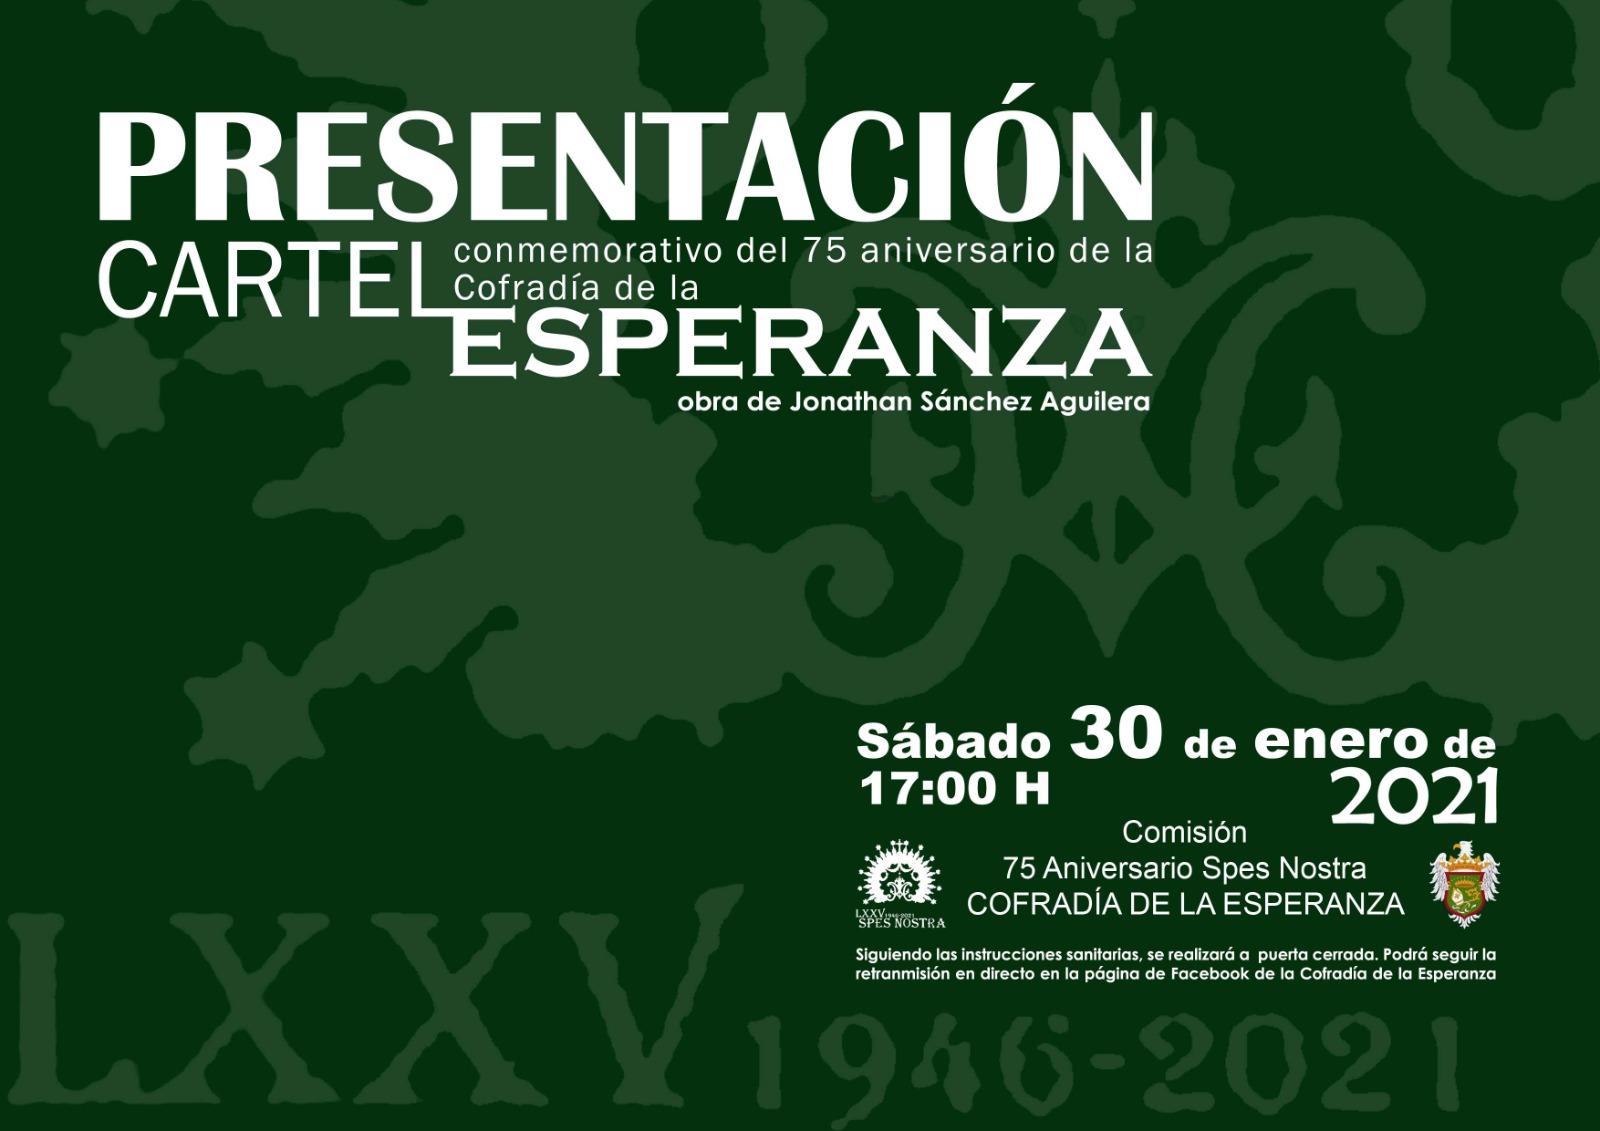 Presentación del cartel del 75 aniversario fundacional